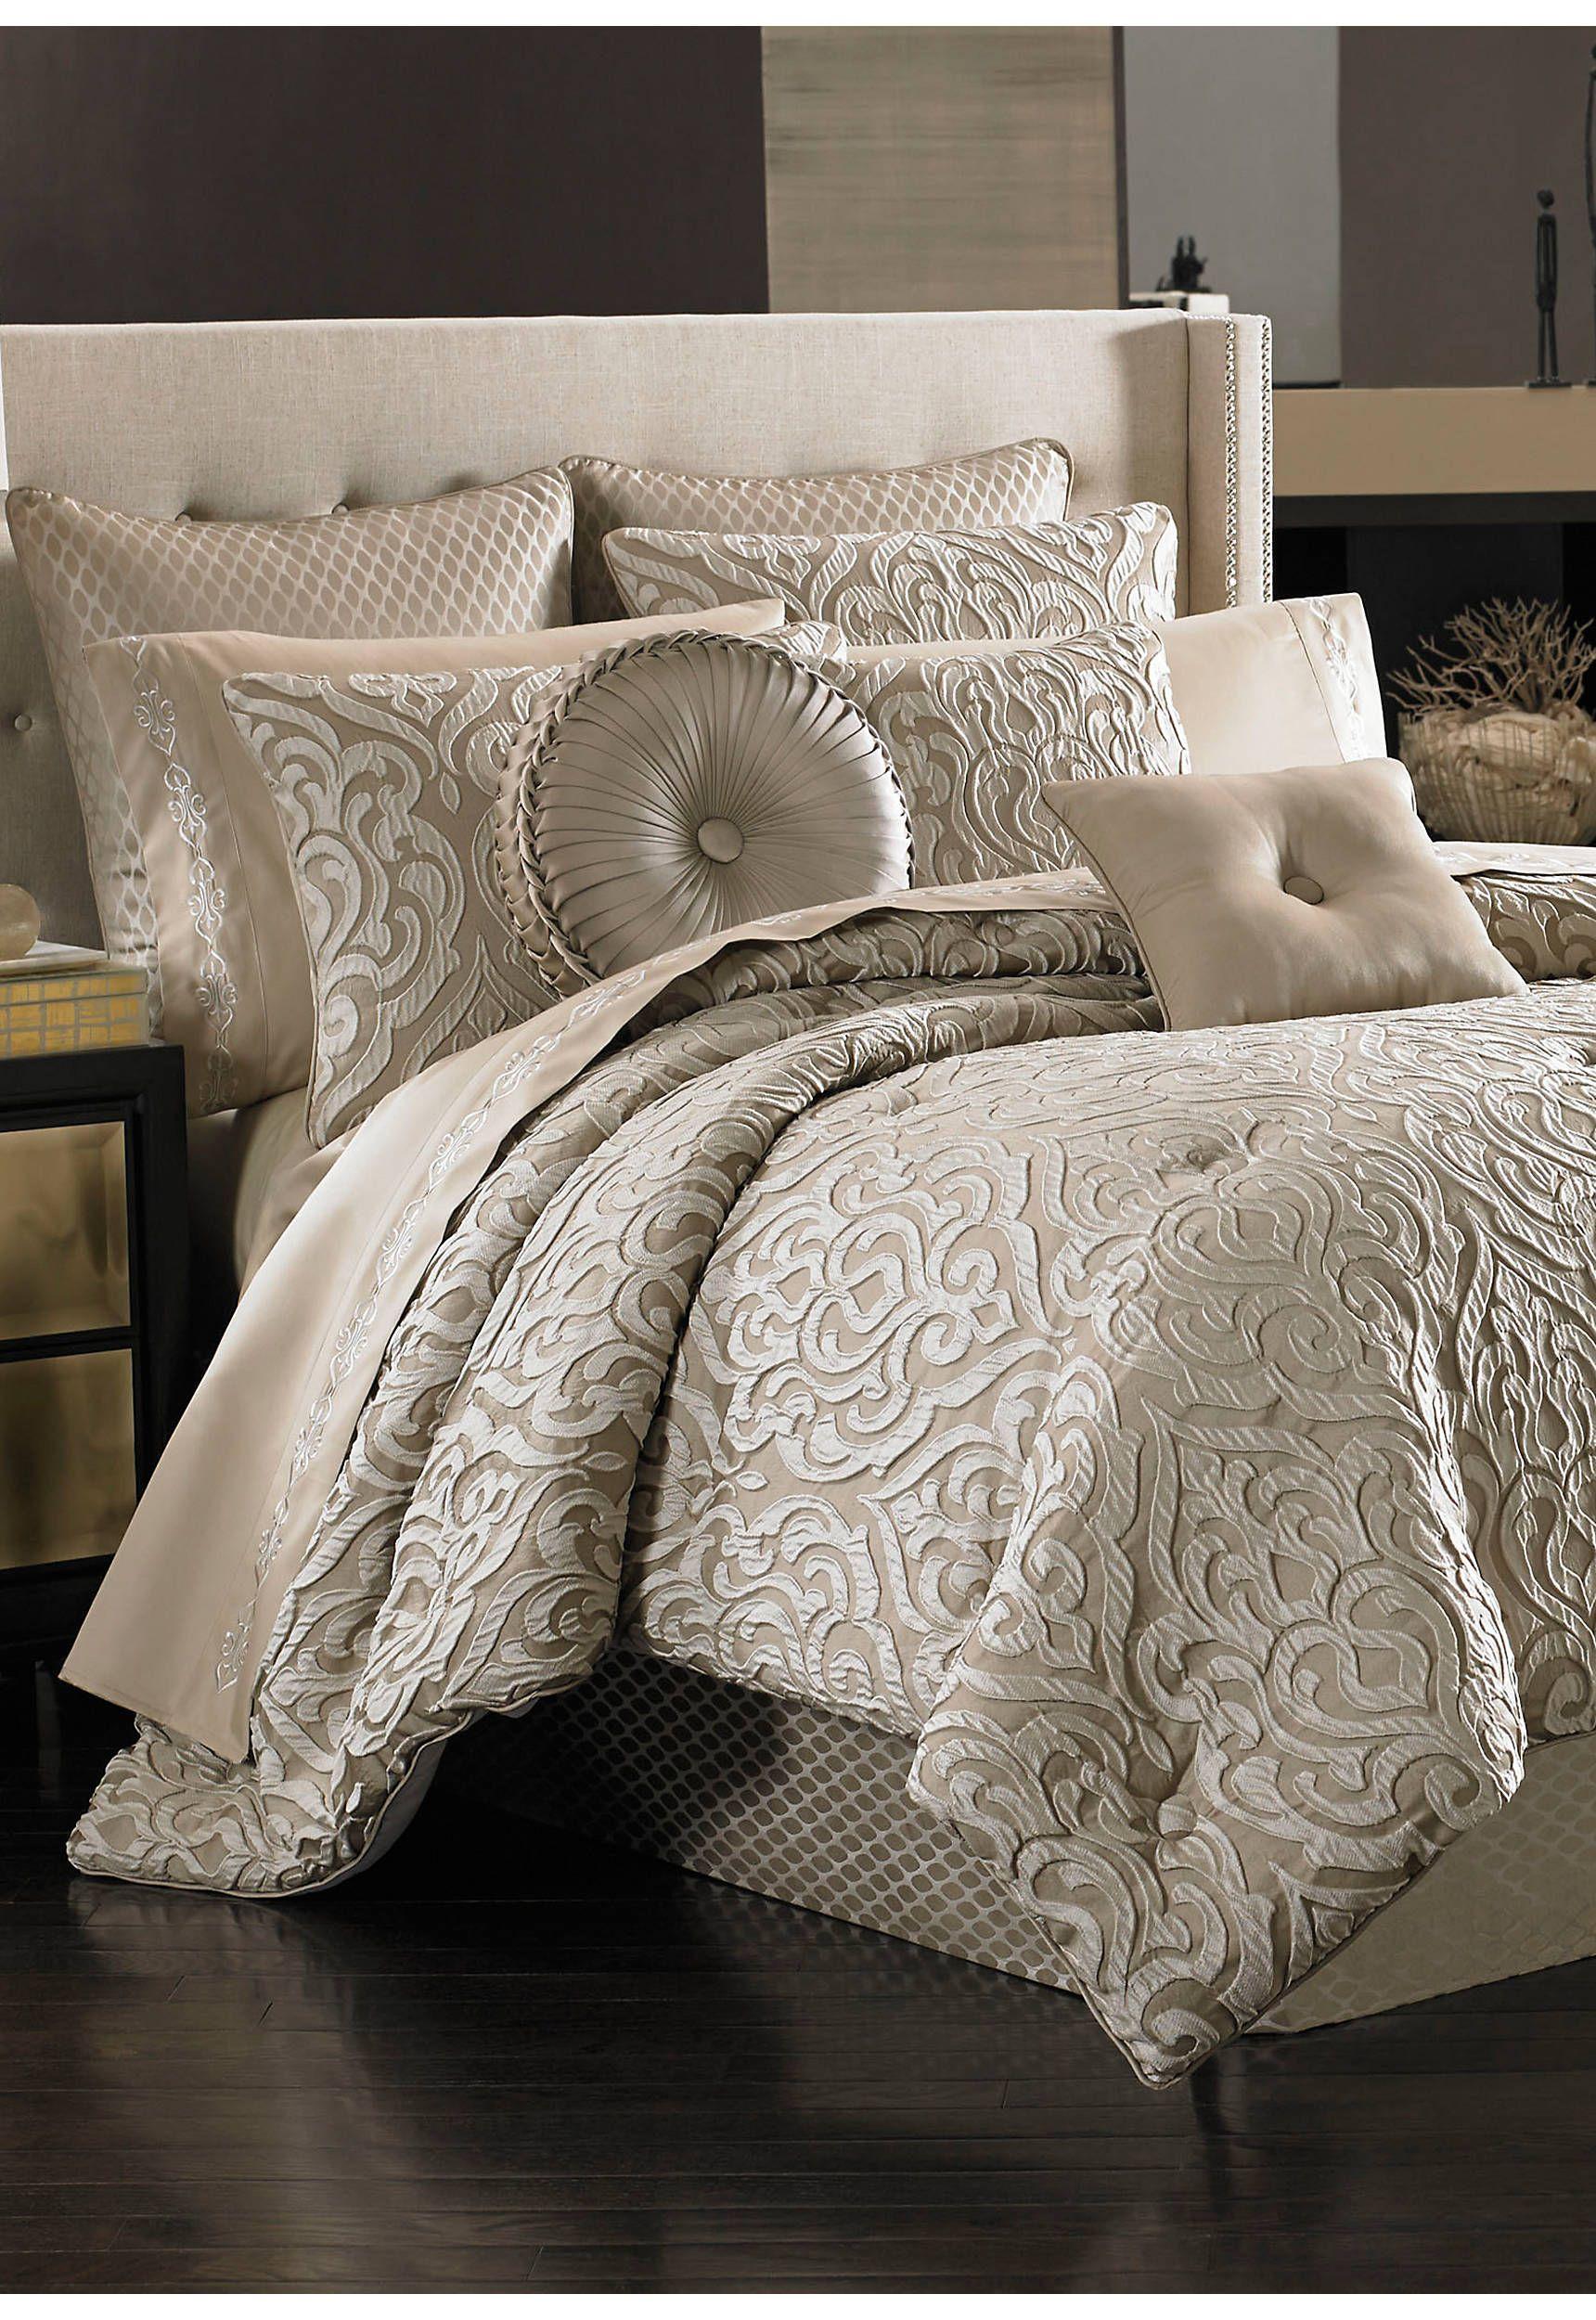 J Queen New York Astoria Comforter Set Bed Linens Luxury Luxury Bedding Luxury Comforter Sets